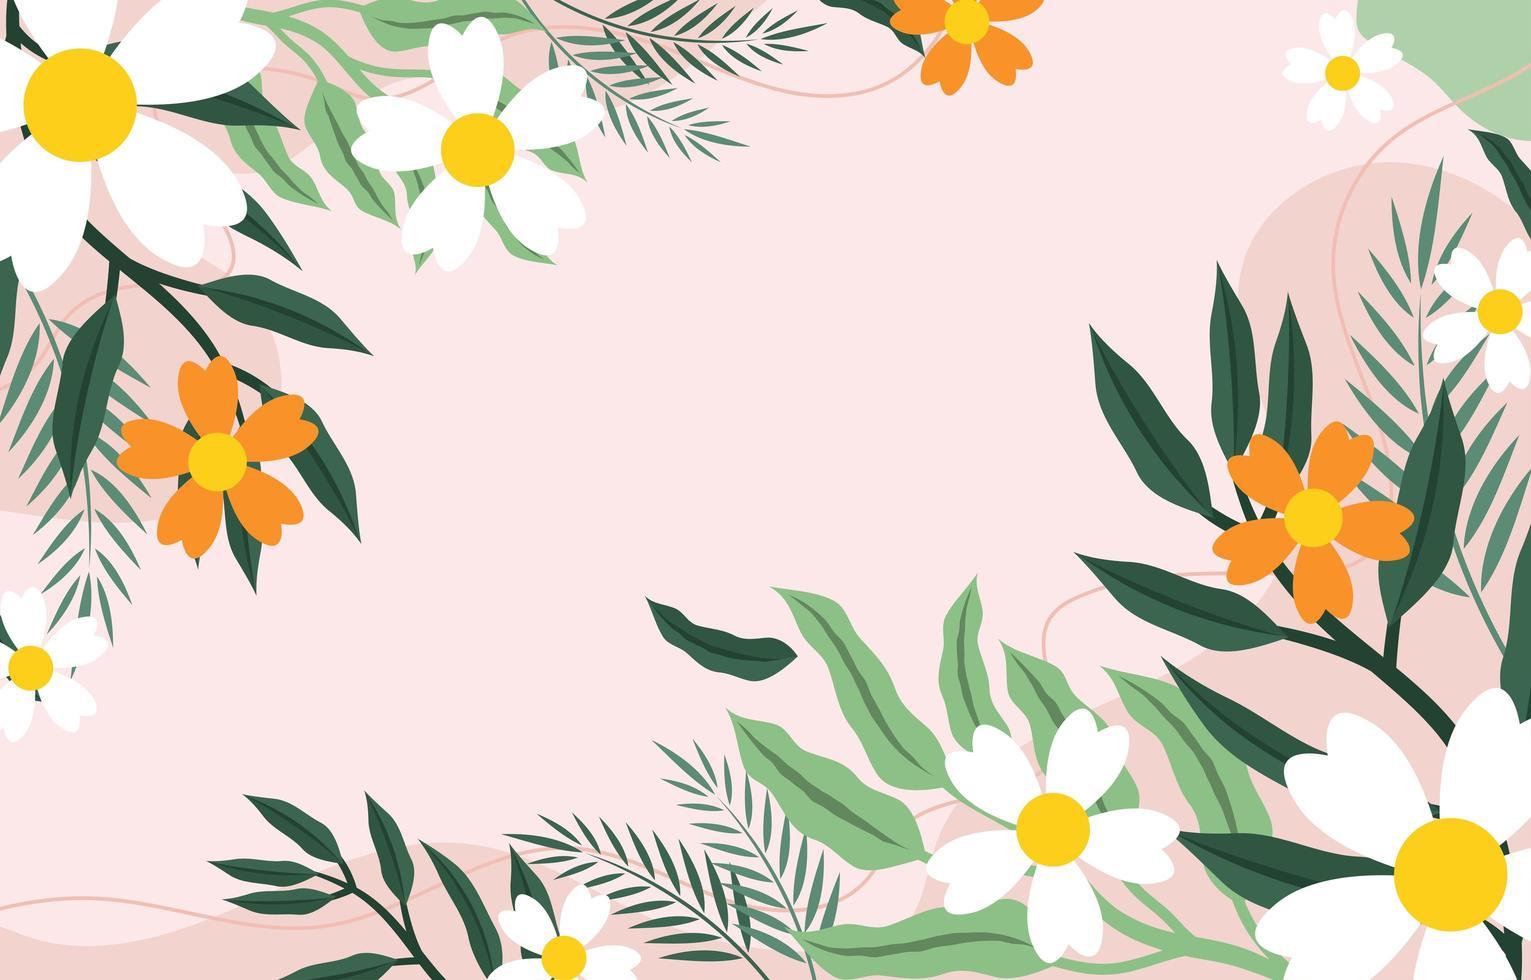 grüne Farbe der Blätter flacher Hintergrundentwurf, vektor